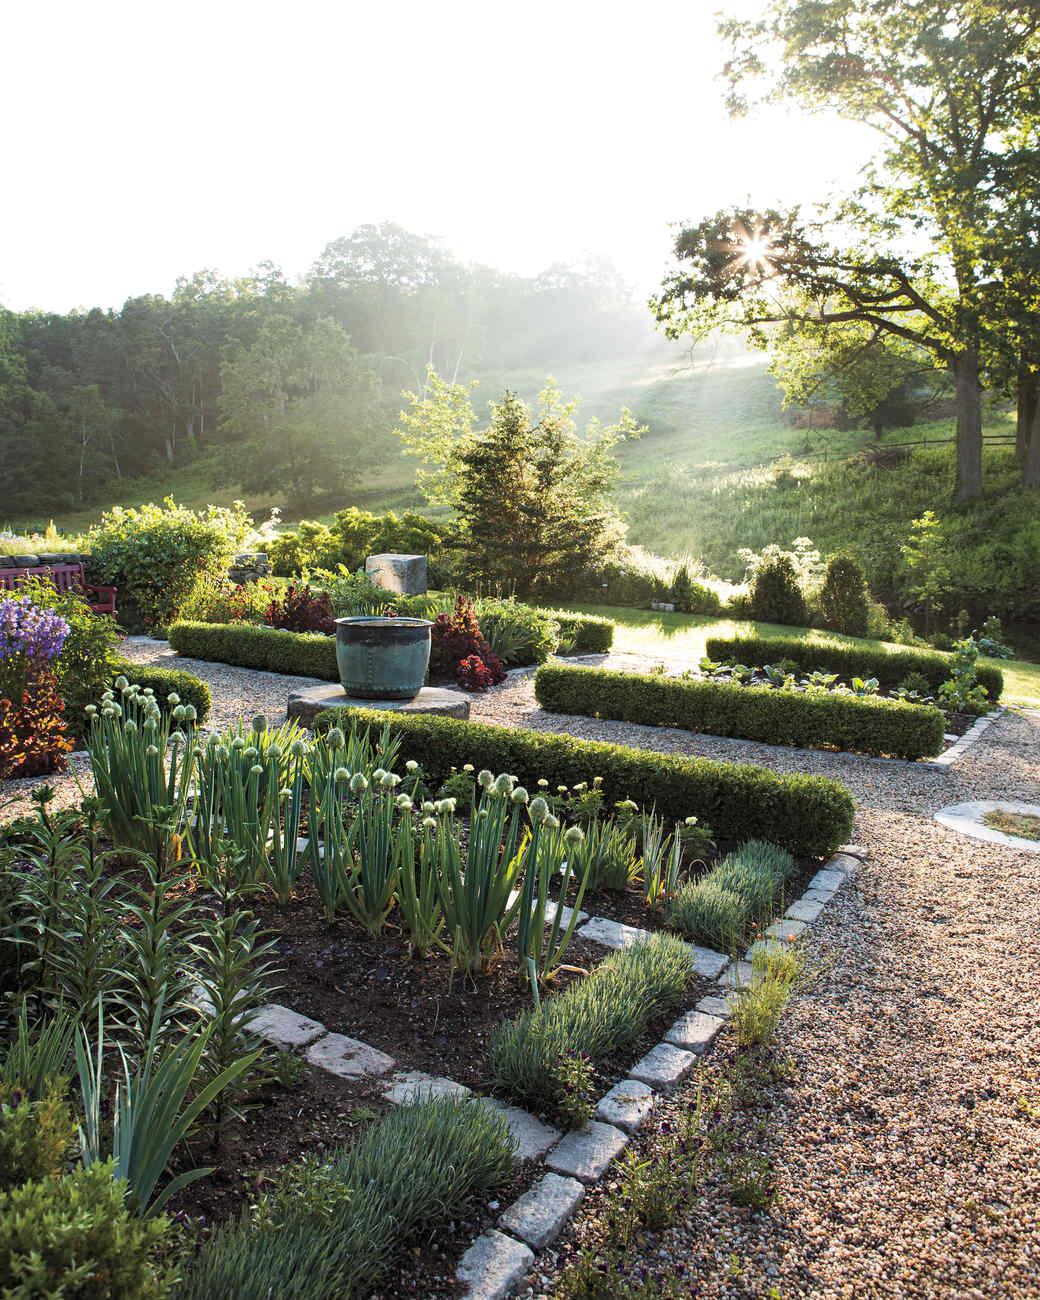 vegetable-garden-hollister-house-9367-md109020.jpg